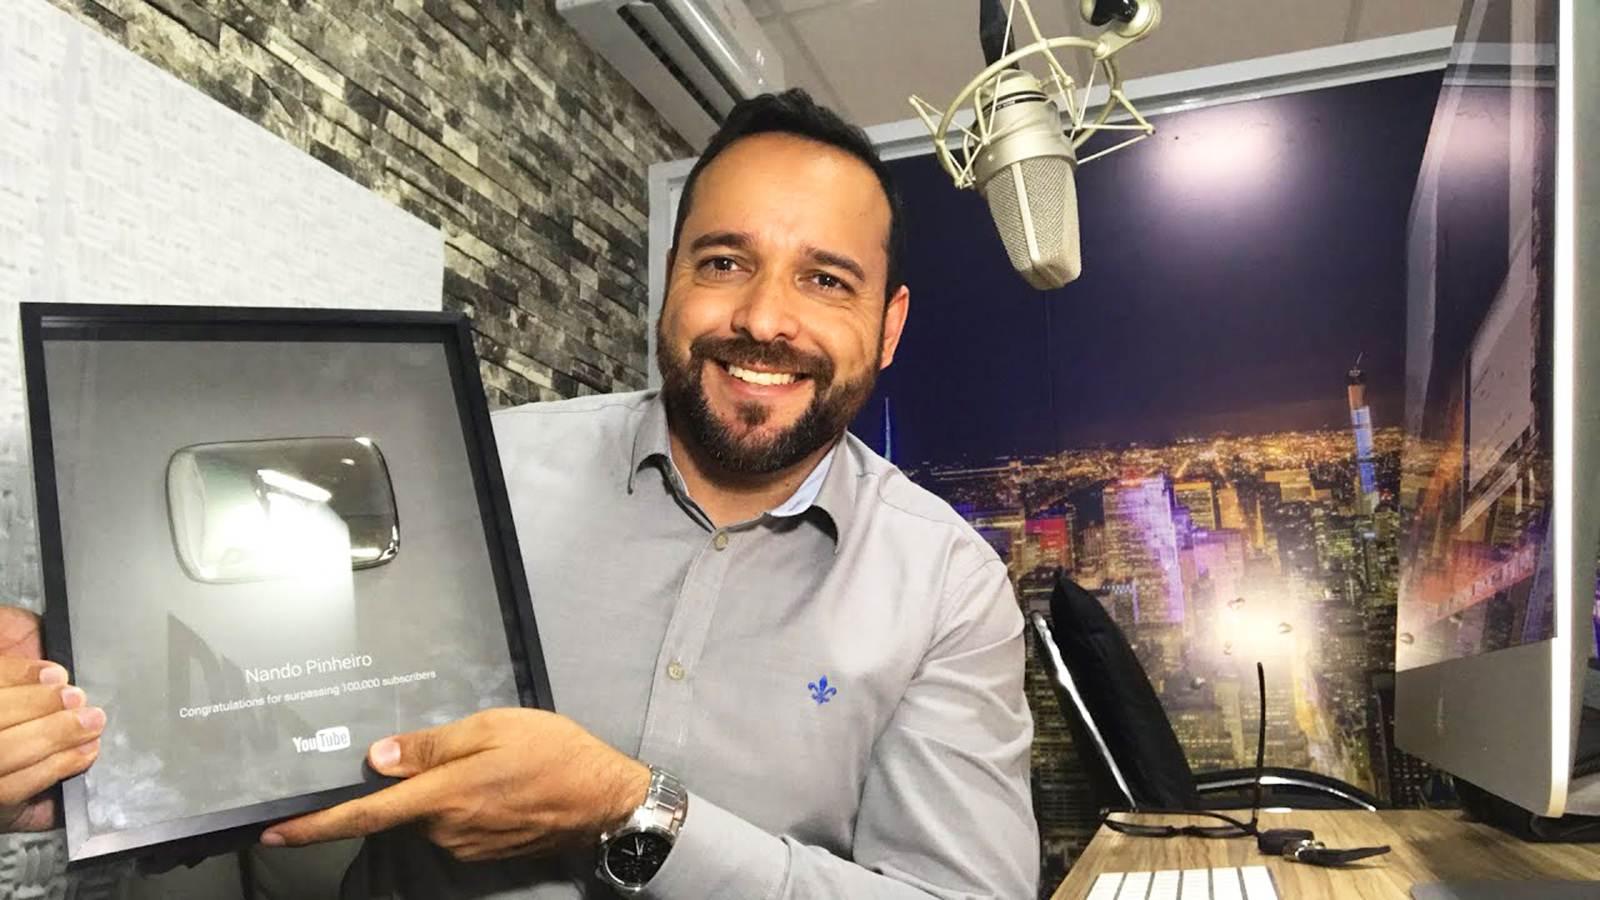 Nando Pinheiro palestra em Anápolis sobre como ser bem sucedido na internet | Foto: Divulgação